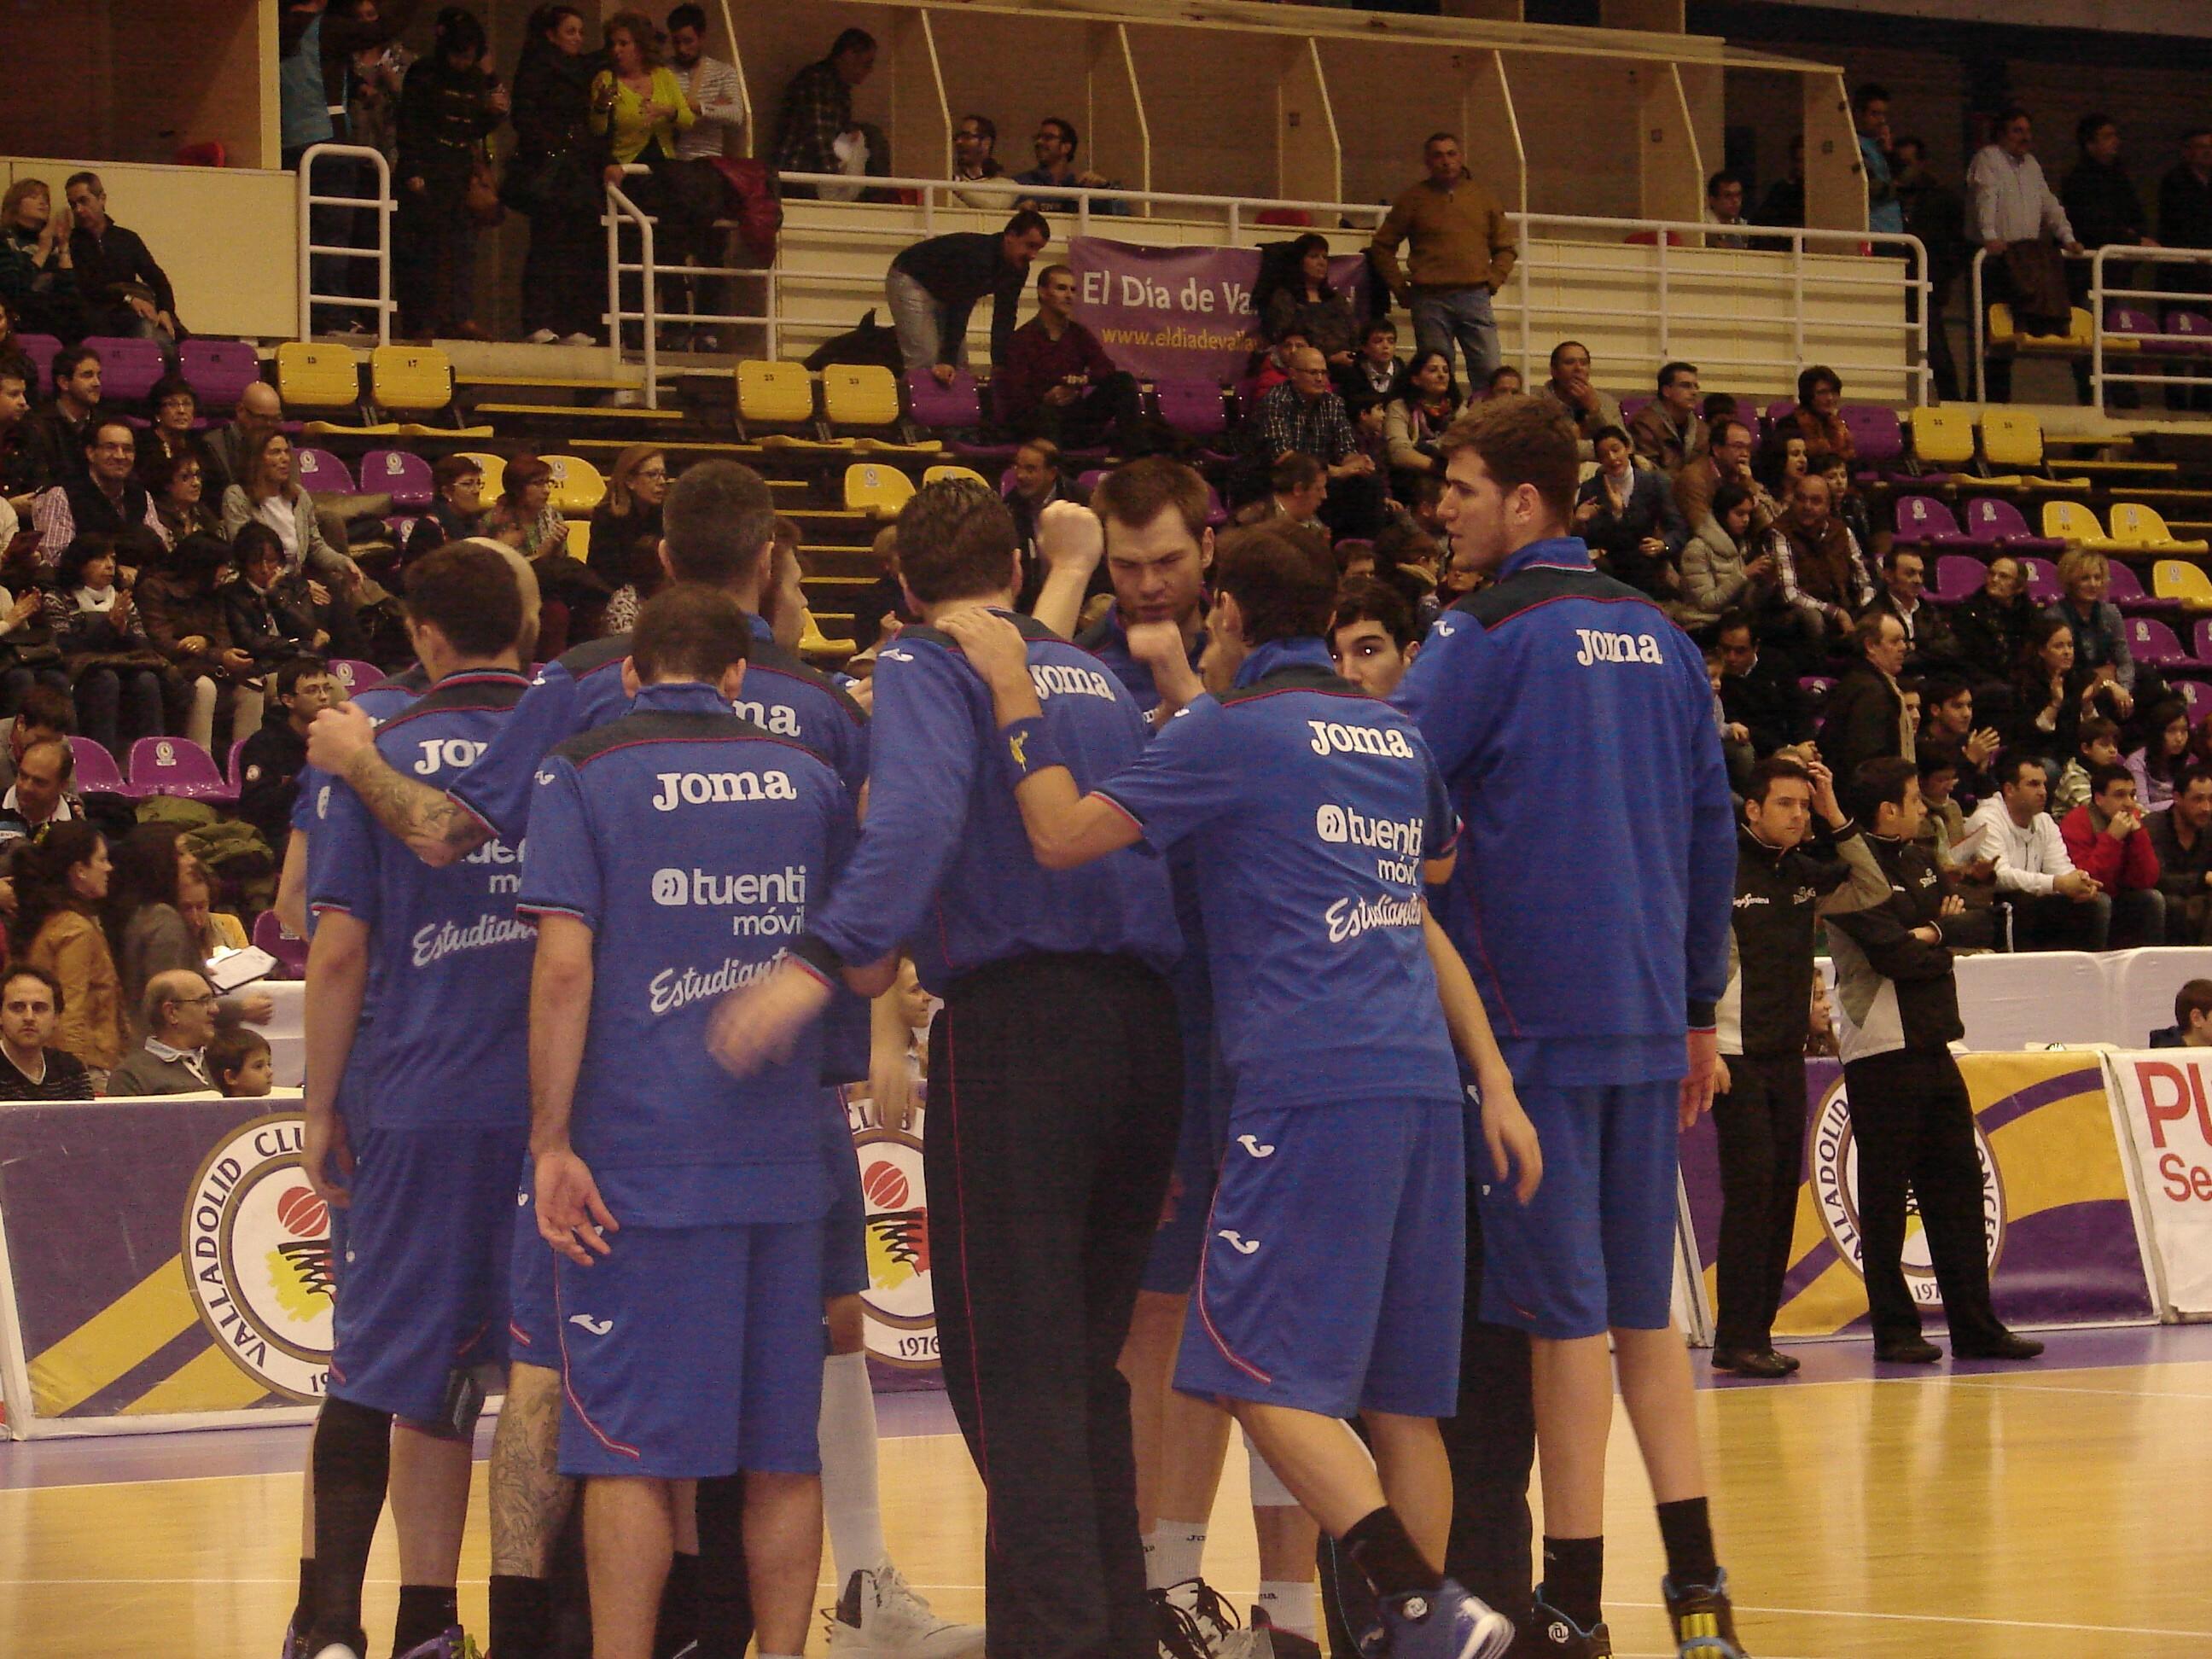 Jugadores del Estu antes del partido (Foto: Jose Navas)